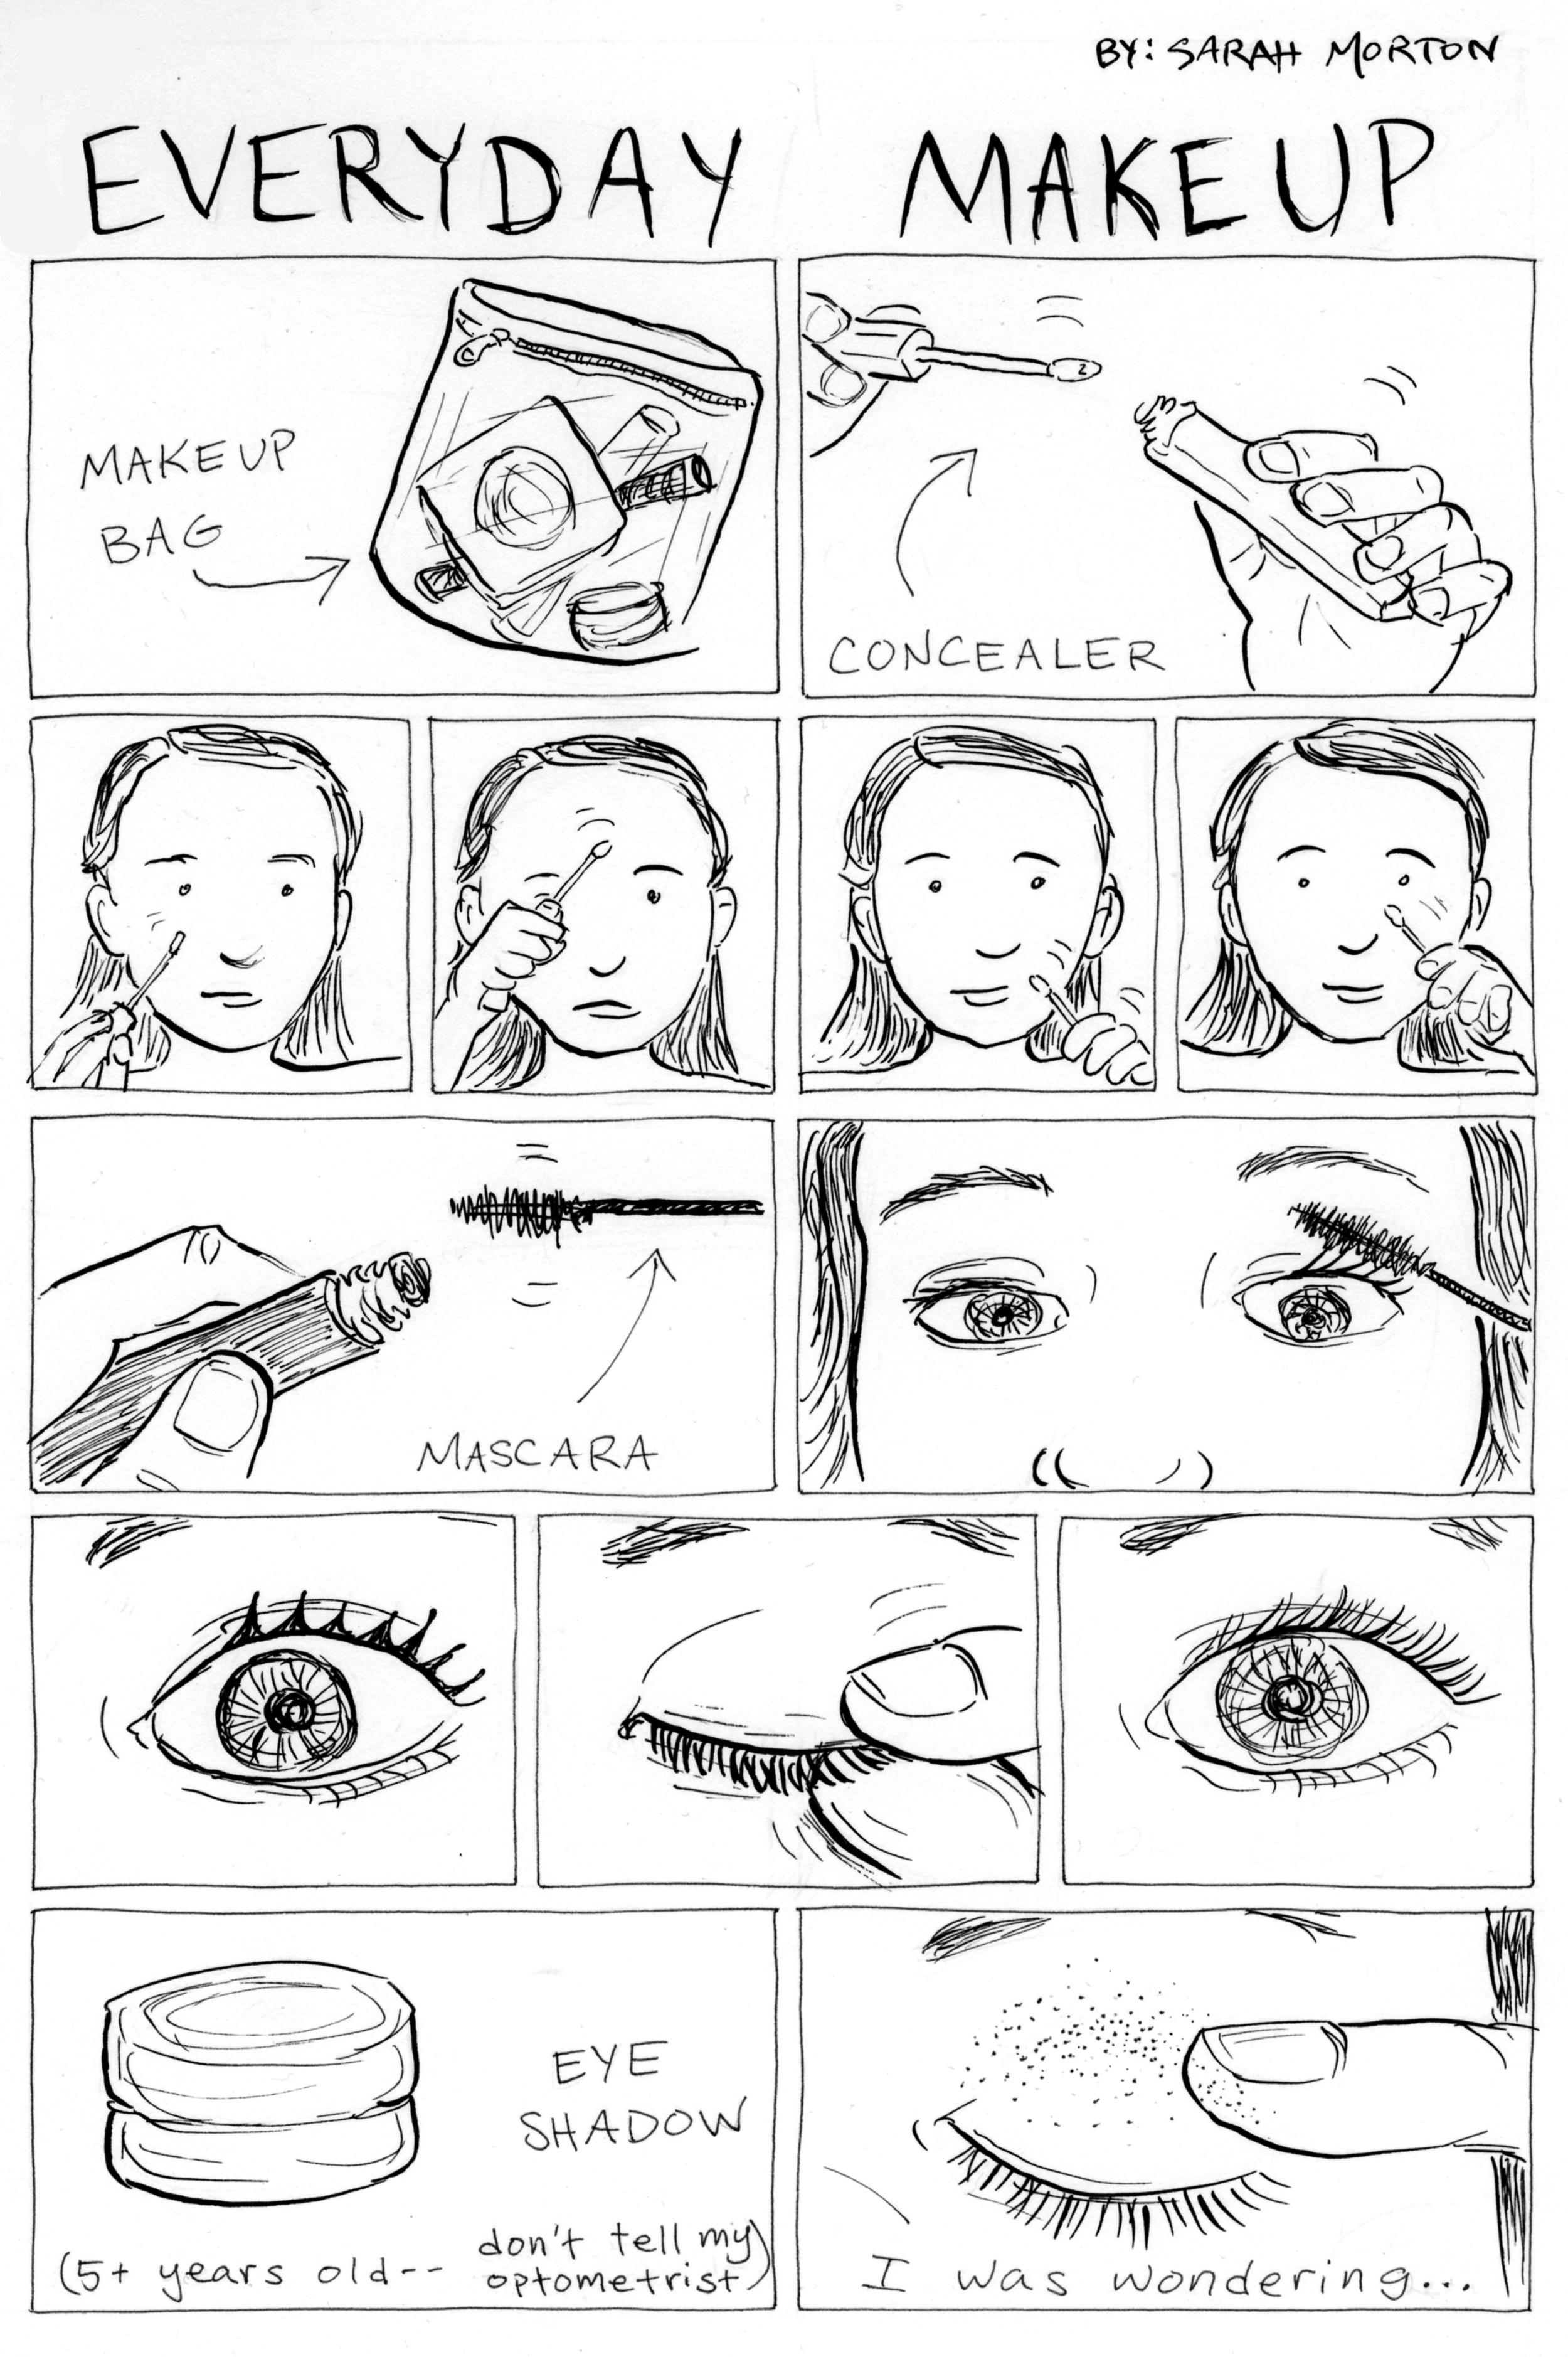 makeup_pg1-of-4.jpg